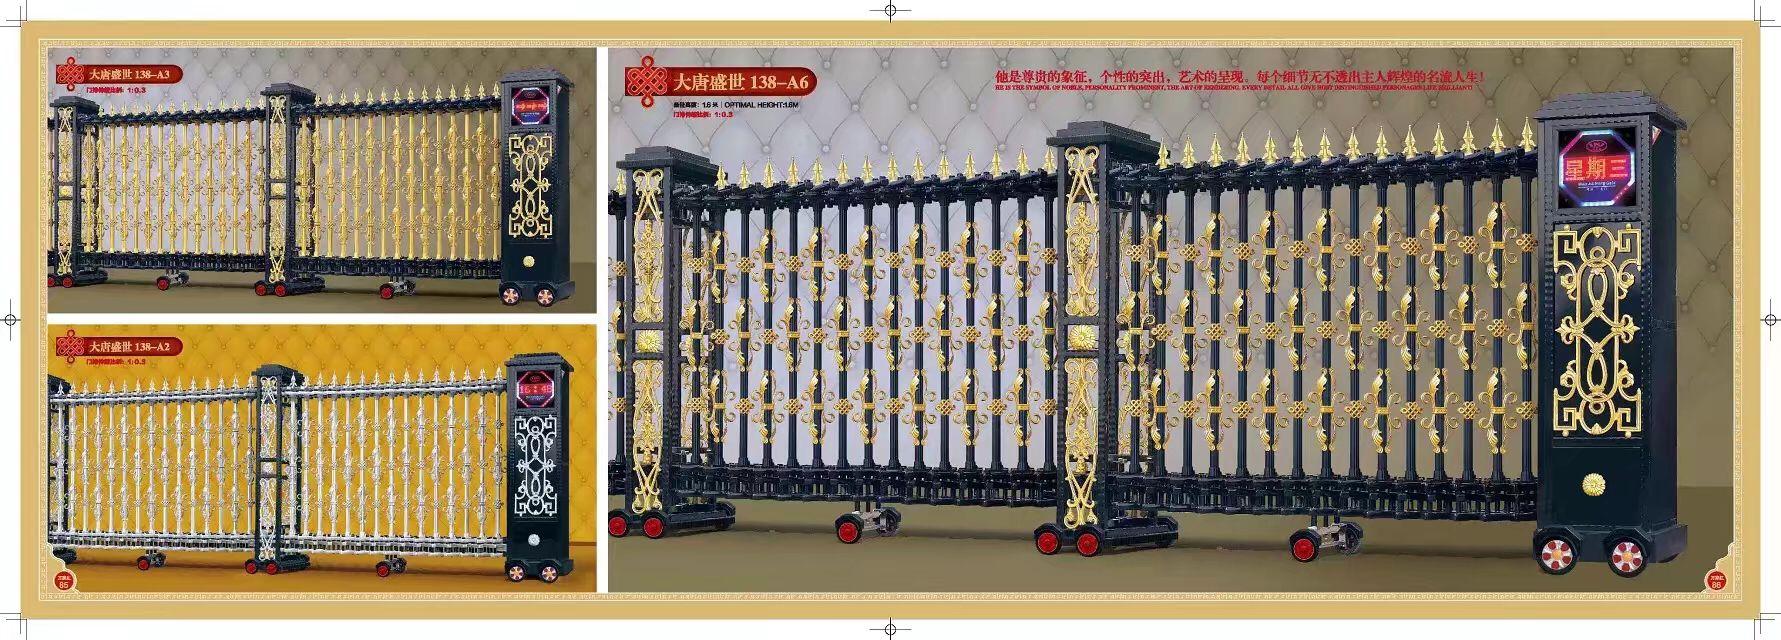 大唐盛世138-A6